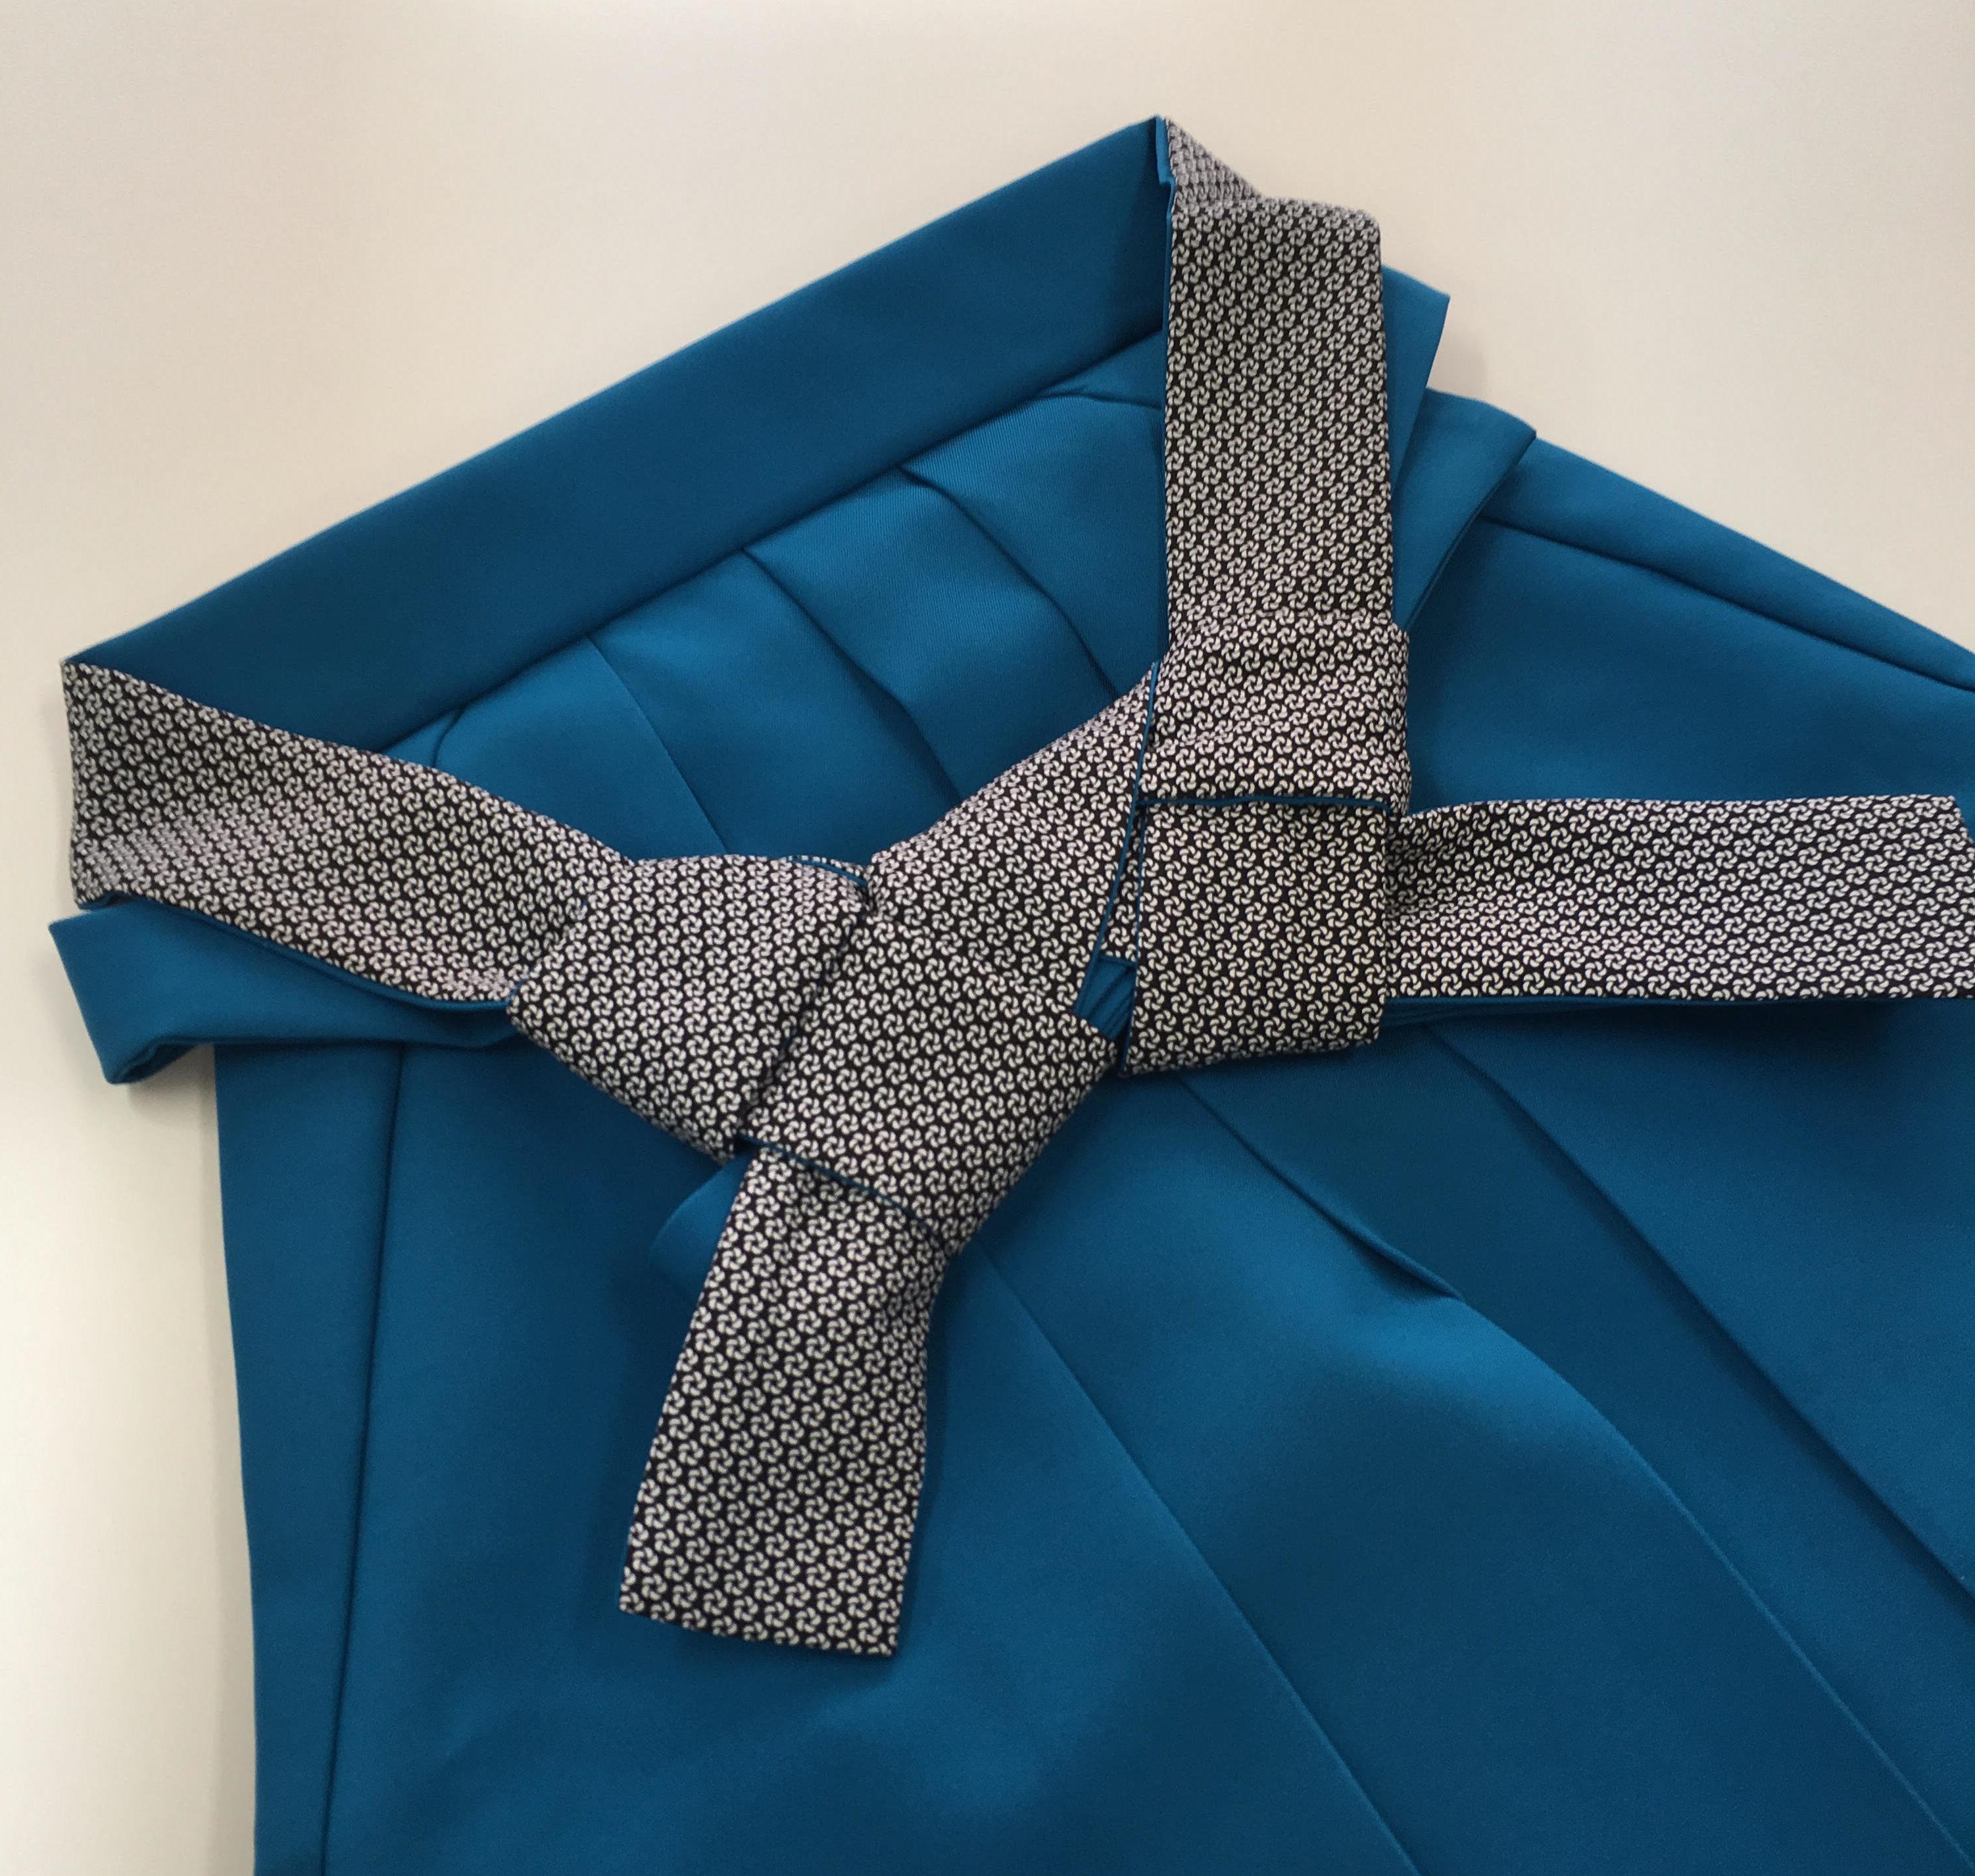 綺麗なブルー 袴 袴紐お洒落 可愛い ルームへ行ってみた。その2 袴 レンタル 卒業式 初めての着物 初めての袴 借りる